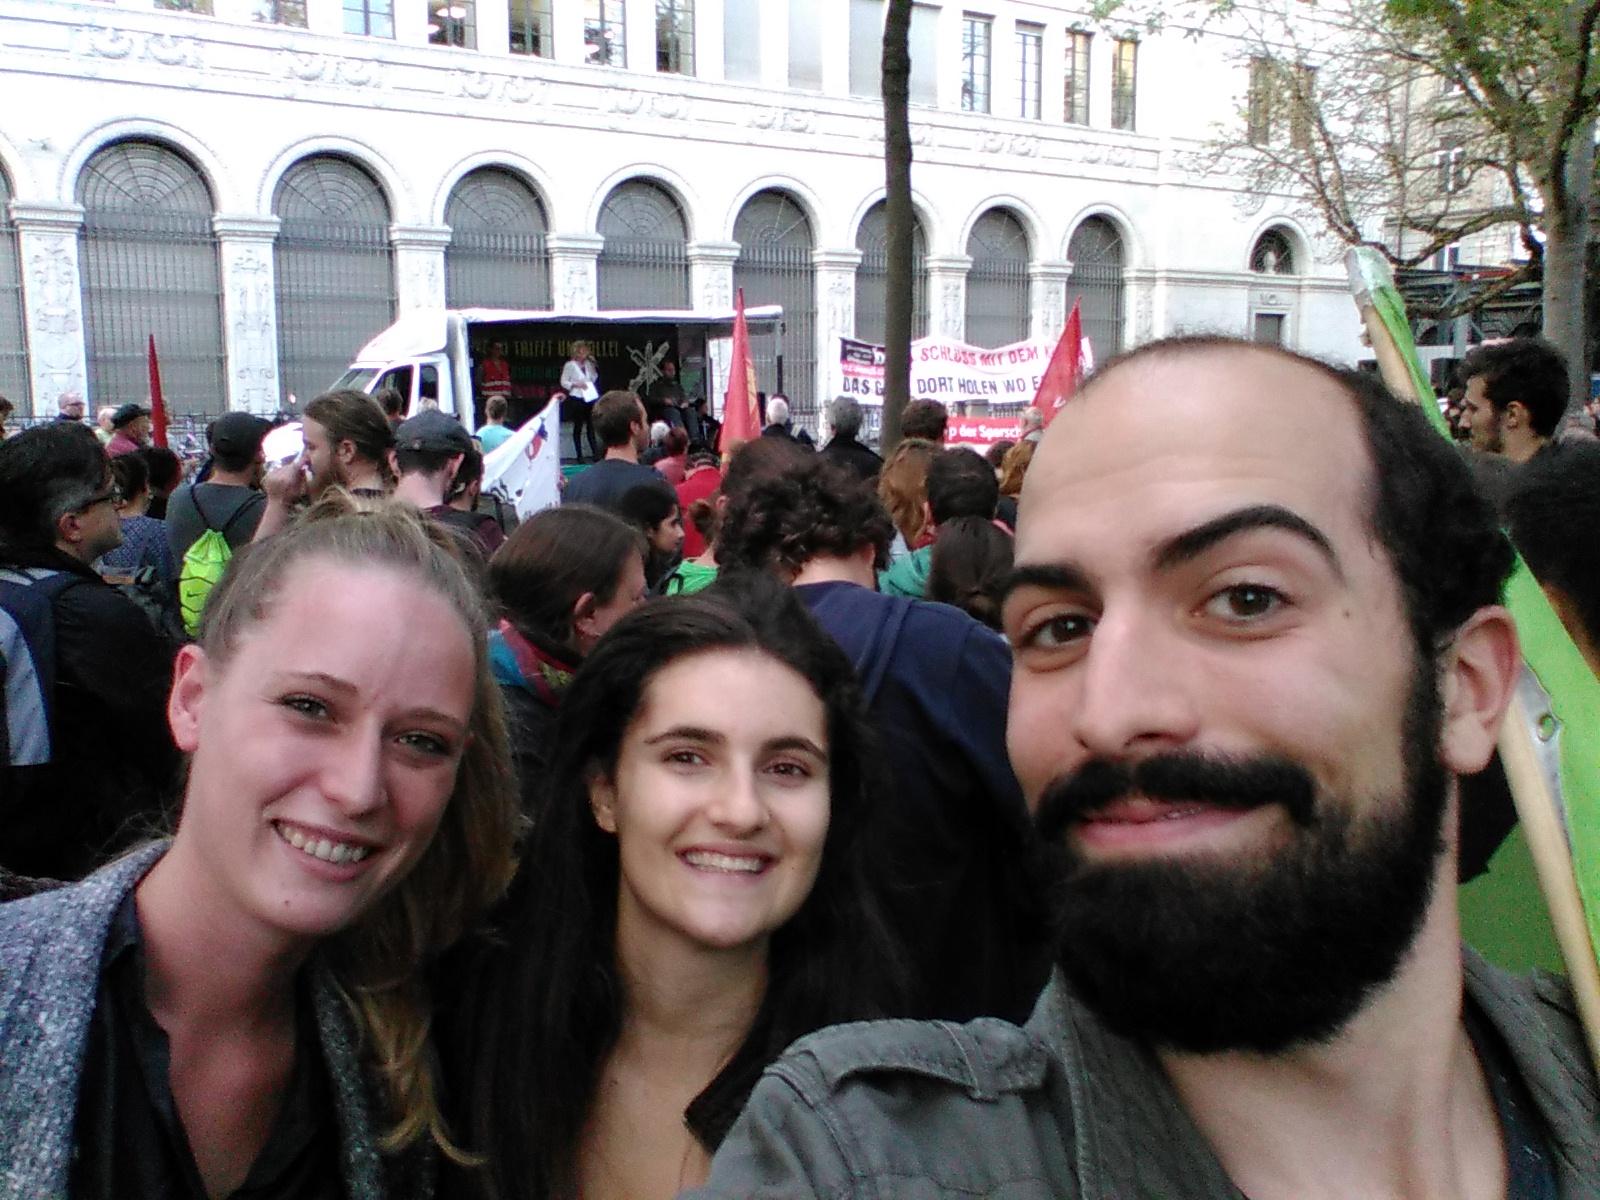 Zu Besuch bei den Grünen Zürich, an einer Demo gegen Leistungsabbau in der Bildungspolitik. Auf meinen wenigen Selfies bin ich stets angezogen. Sorry, AZ-Medien, hier gibt es nichts zu sehen.